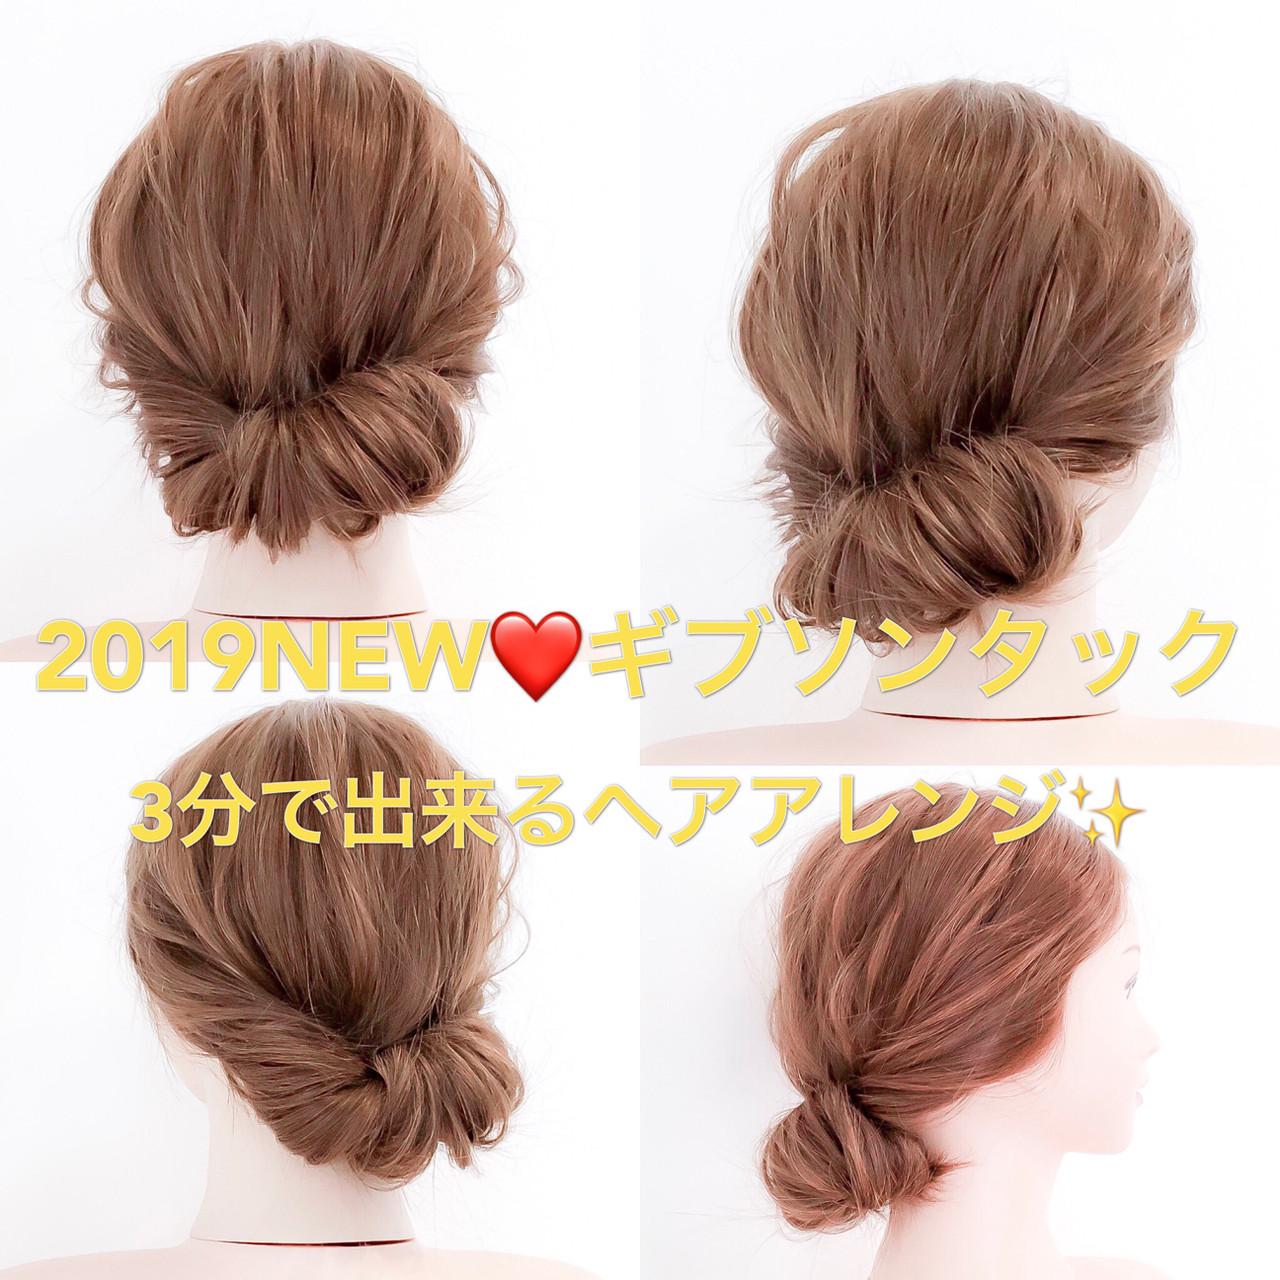 ヘアアレンジ 簡単ヘアアレンジ フェミニン ギブソンタック ヘアスタイルや髪型の写真・画像